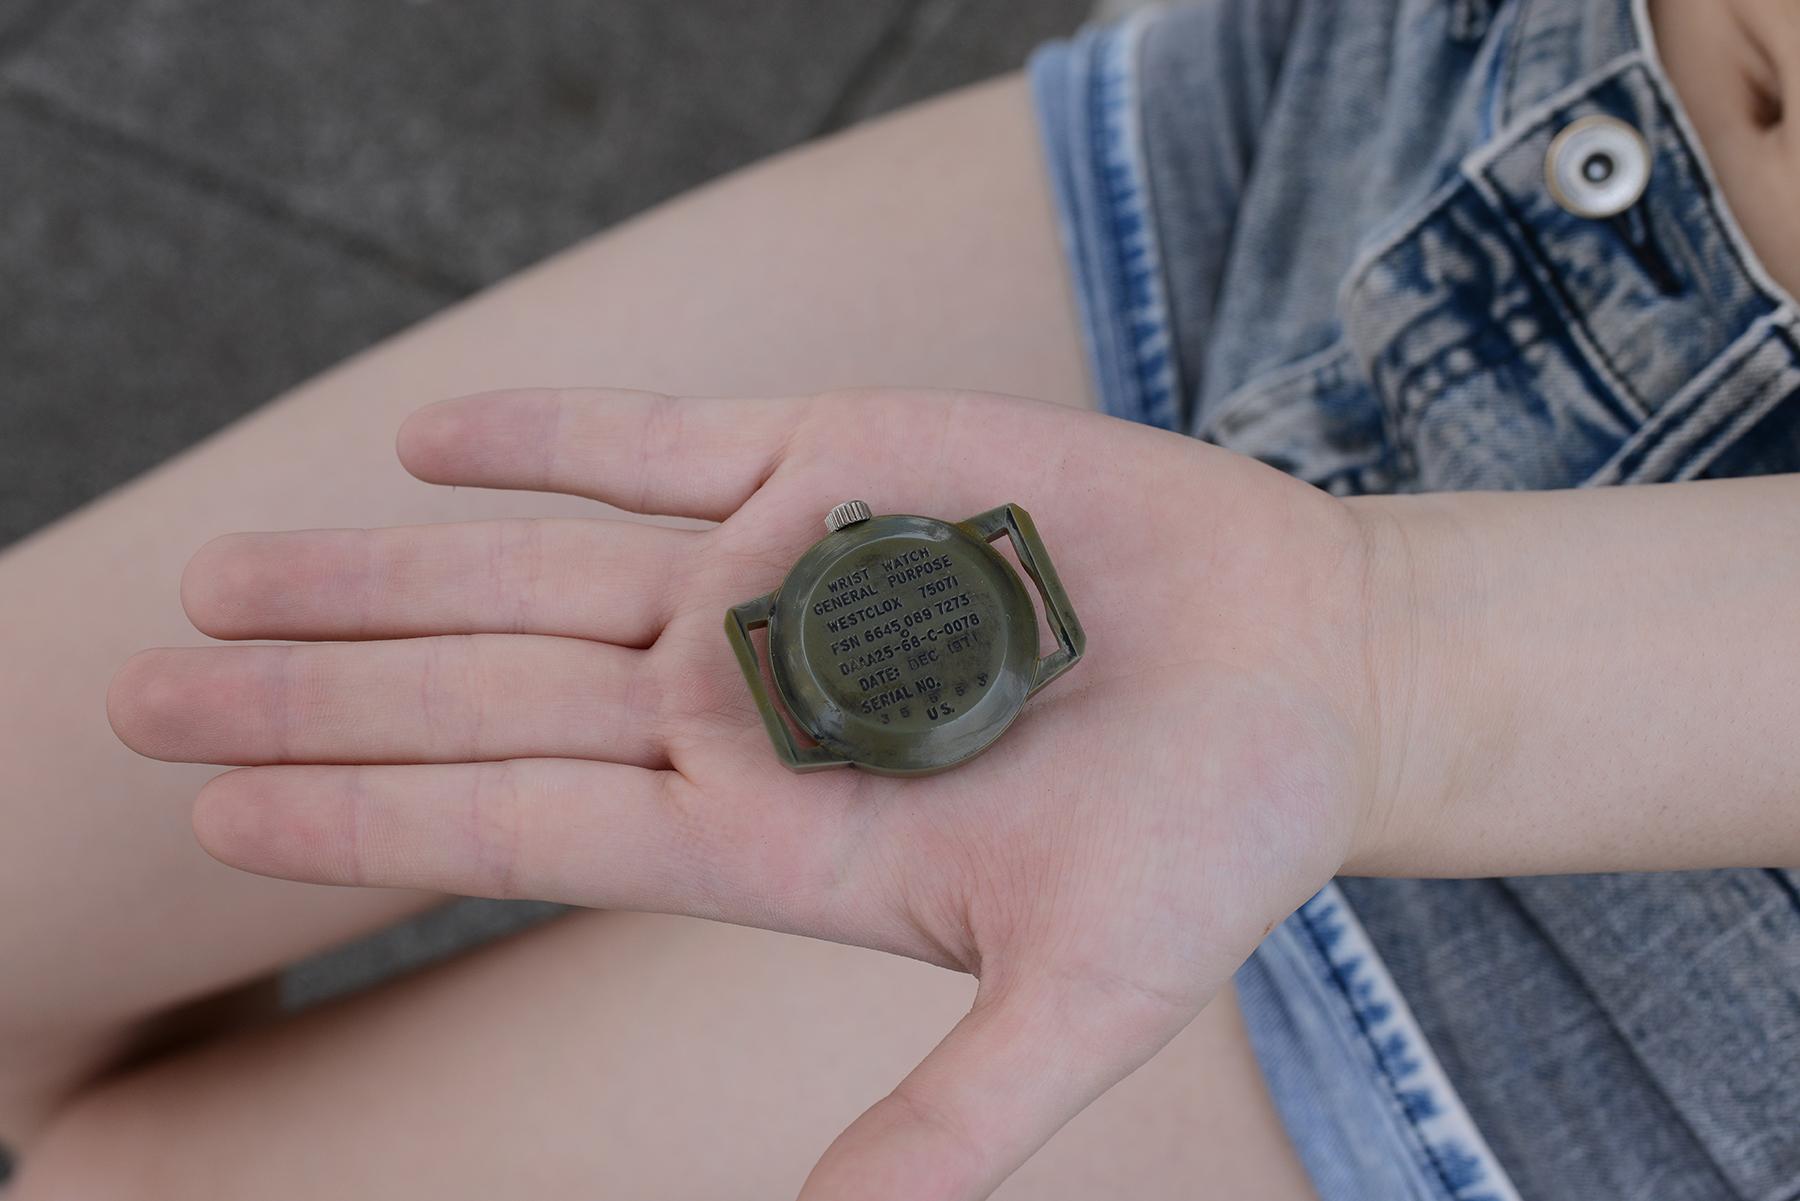 ベトナム戦腕時計